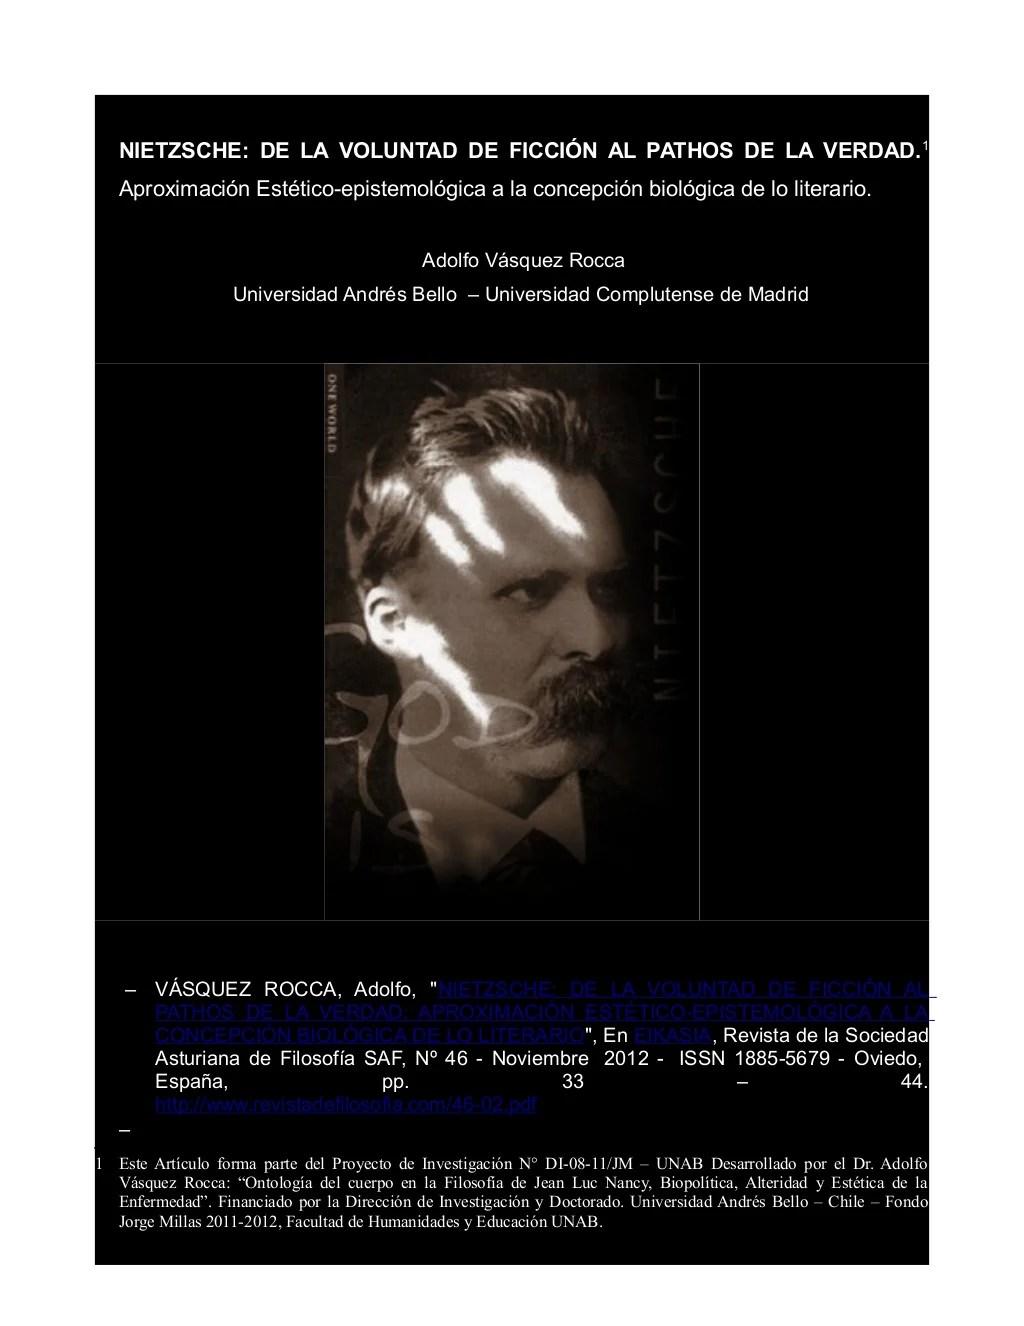 https://i1.wp.com/image.slidesharecdn.com/nietzschedelavoluntaddeficcinalpathosdelaverdadadolfovasquezroccaphdrevistaeikasiasaf-130224120348-phpapp02/95/slide-1-1024.jpg